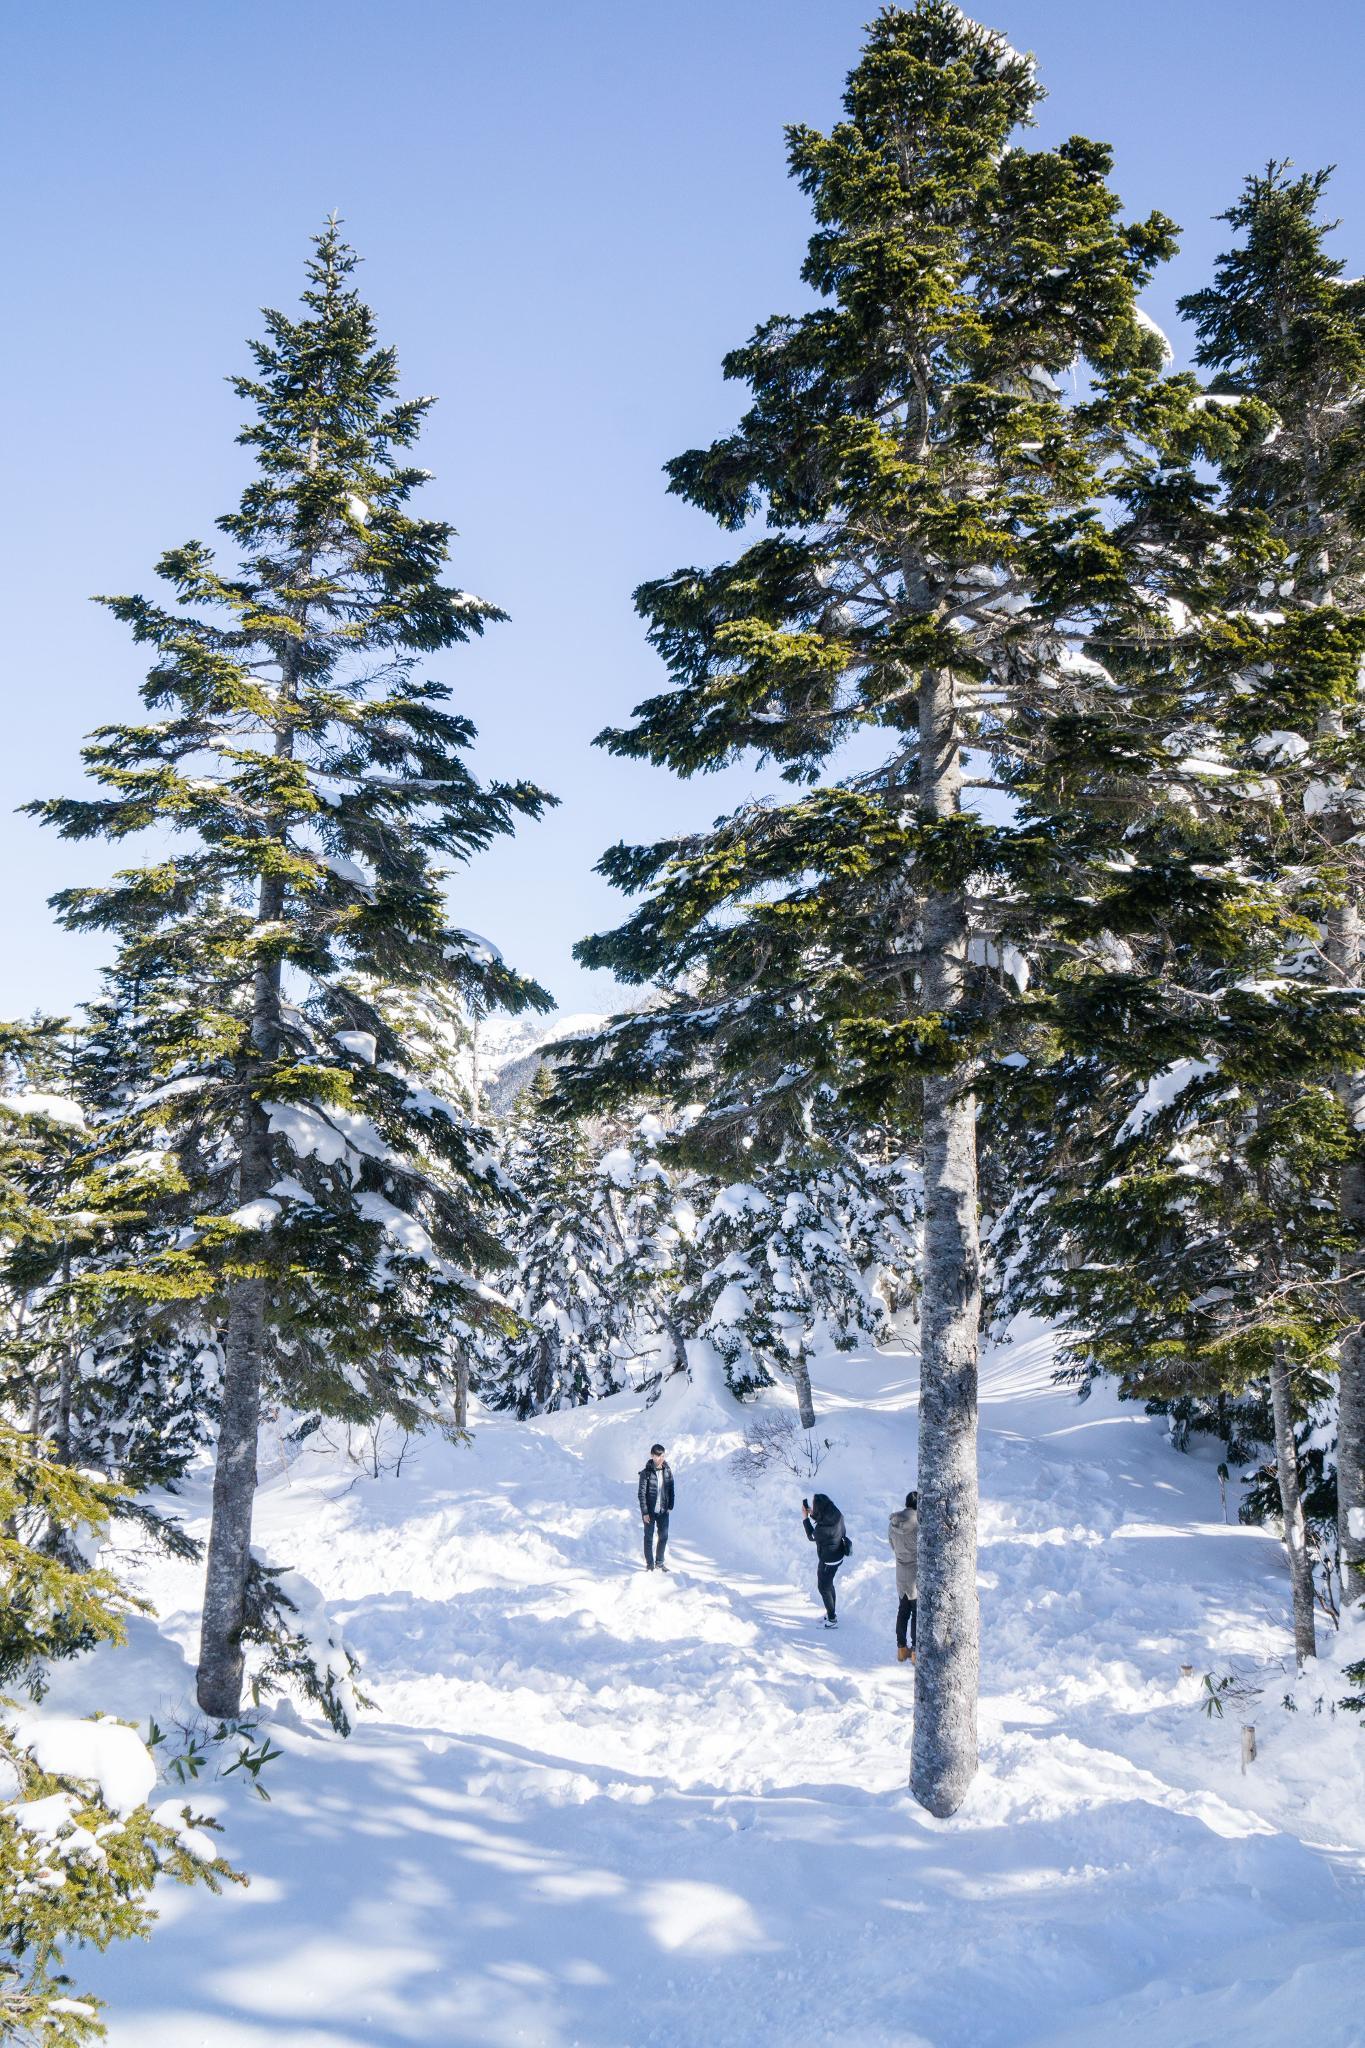 【岐阜】超級推薦!奧飛驒溫泉鄉的冬季戀歌 ~ 新穗高纜車雪景攻略 110